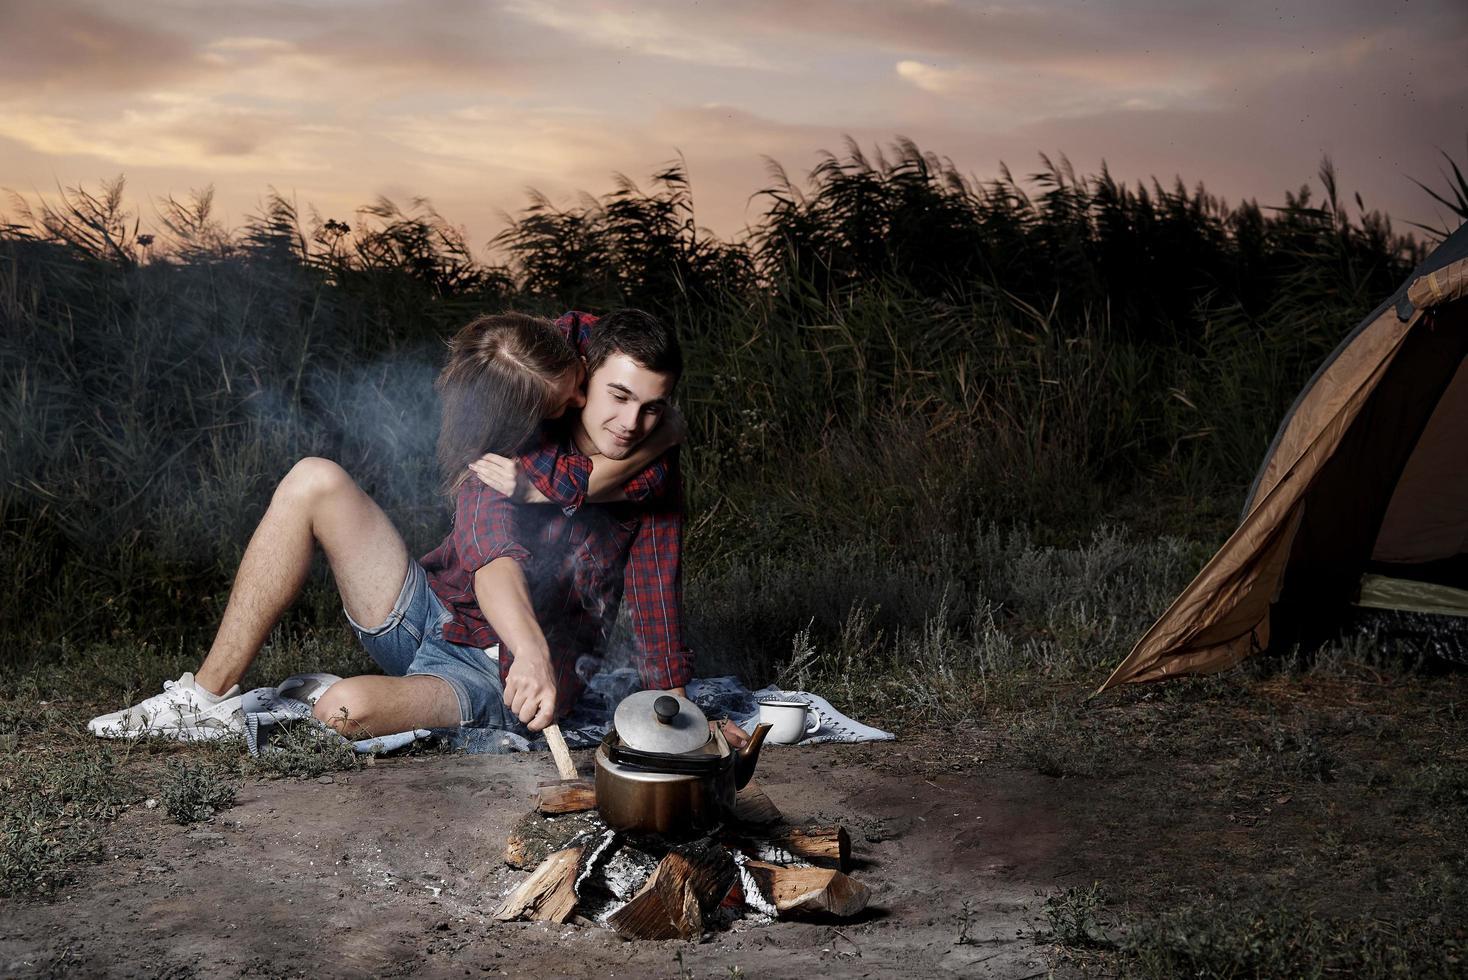 jovem casal se abraçando perto do fogo foto